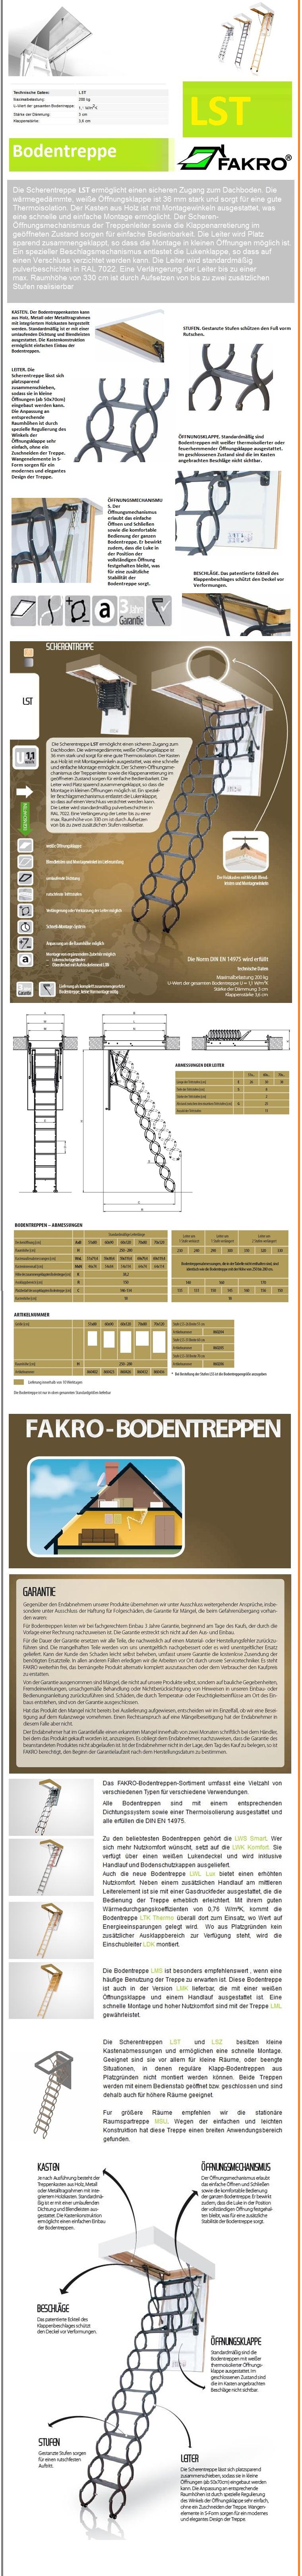 Scherentreppe LST Fakro